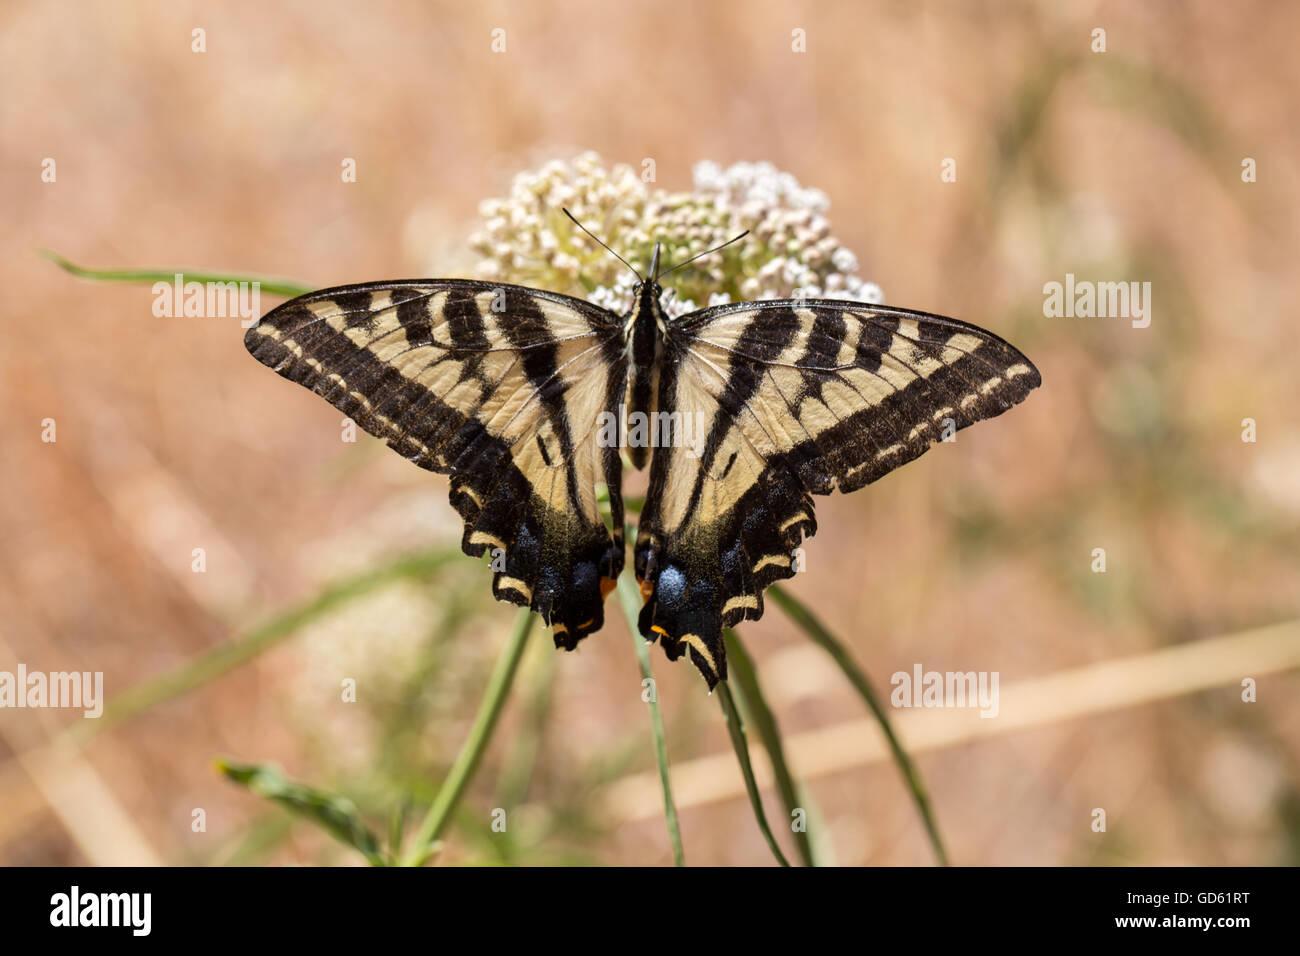 Western Tiger Swallowtail (Papilio rutulus) feeding on milkweed plant. Stock Photo